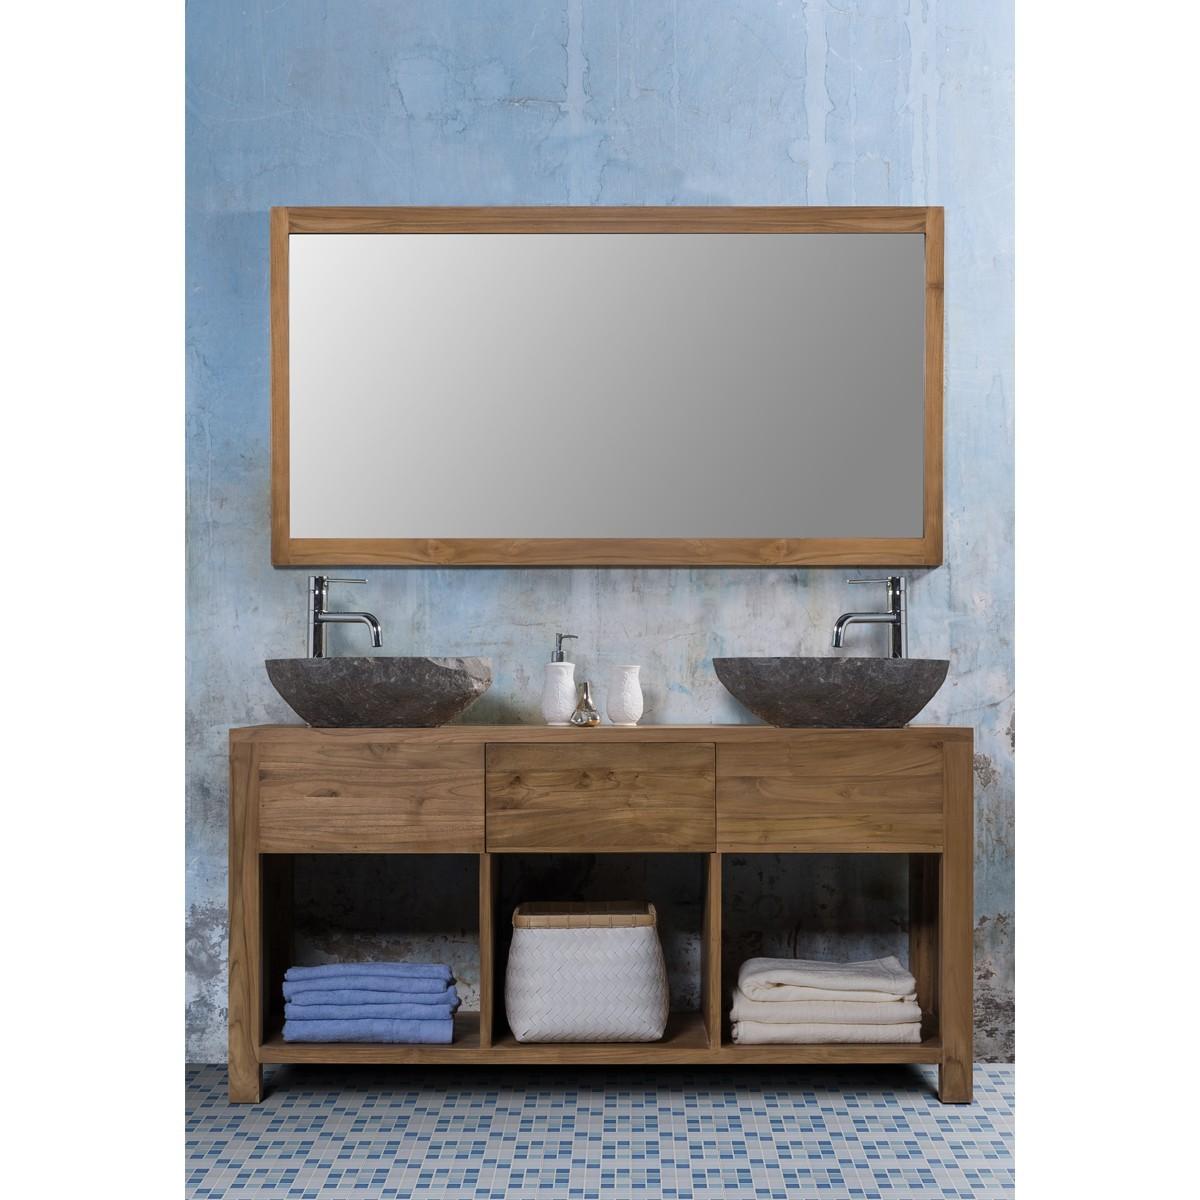 Ensemble de salle de bain en bois de teck 145 2 vasques for Salle de bain gris anthracite et bois